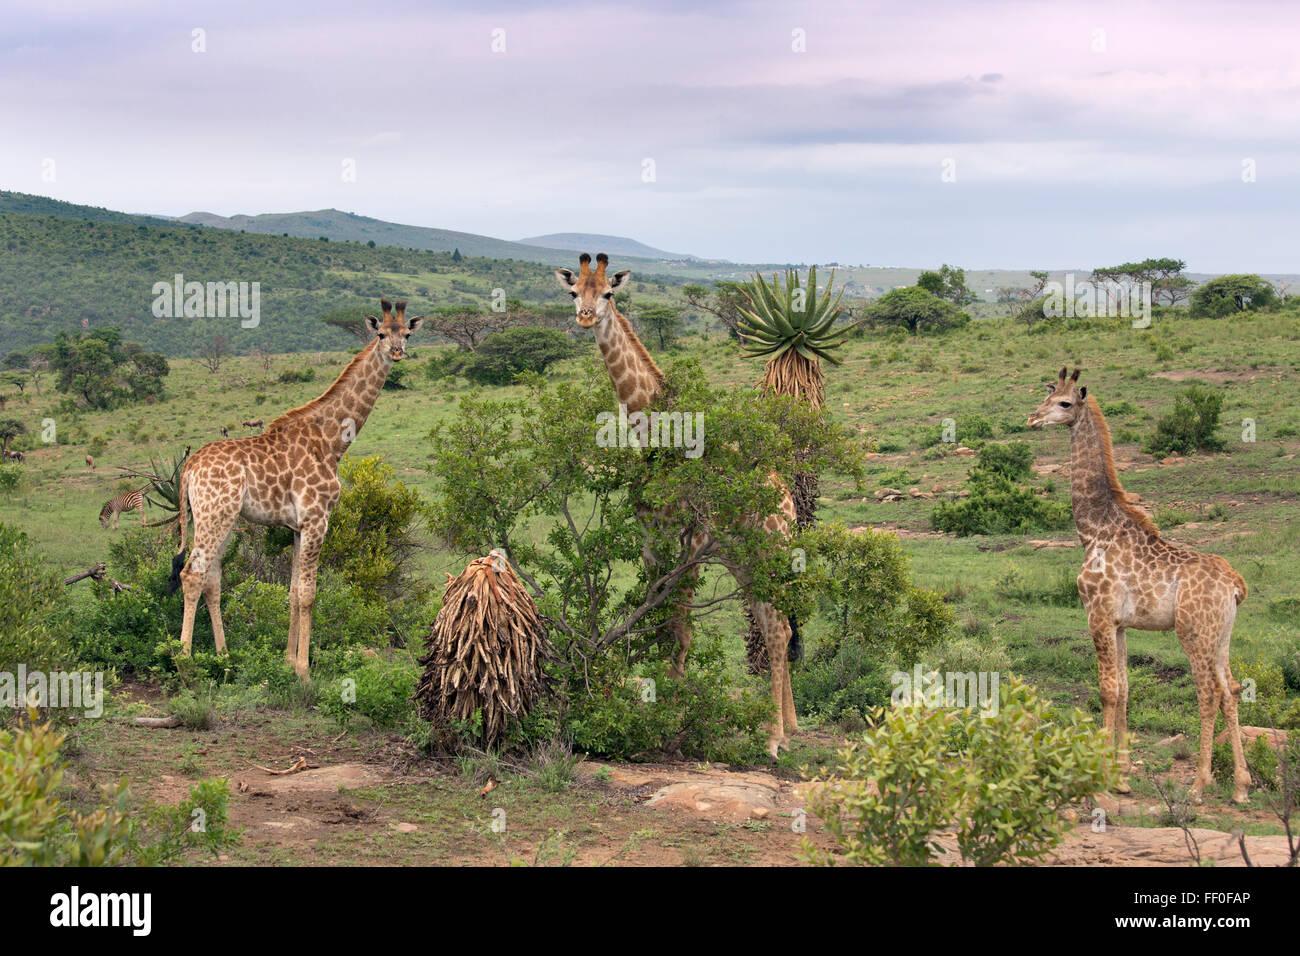 Cape Giraffe Giraffa camelopardalis group feeding - Stock Image